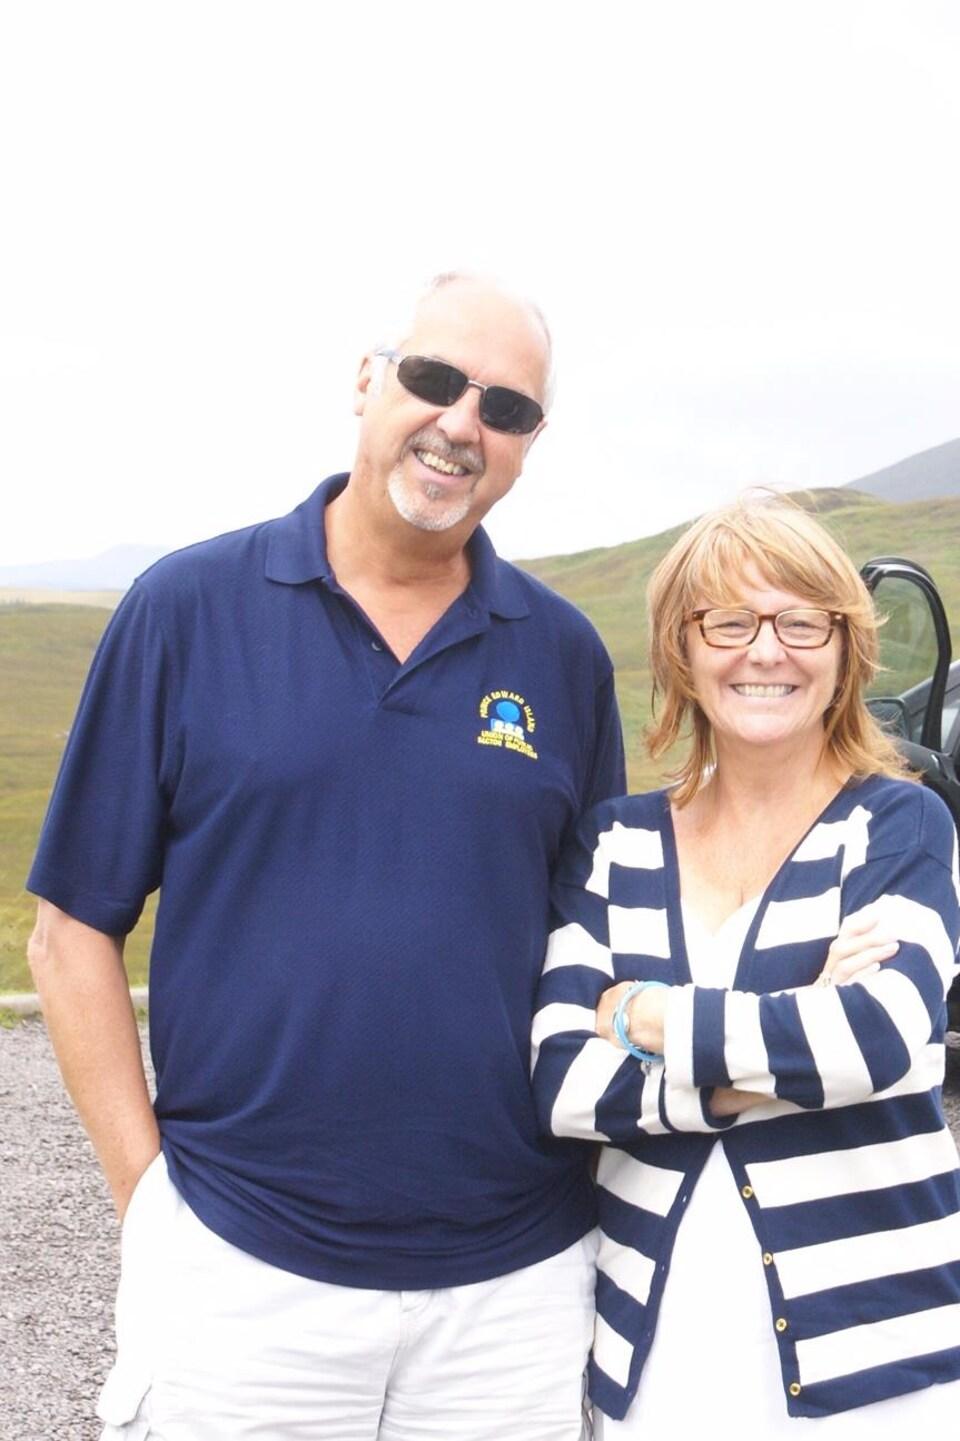 Un homme et une femme regardent le photographe et sourient dans un paysage écossais.